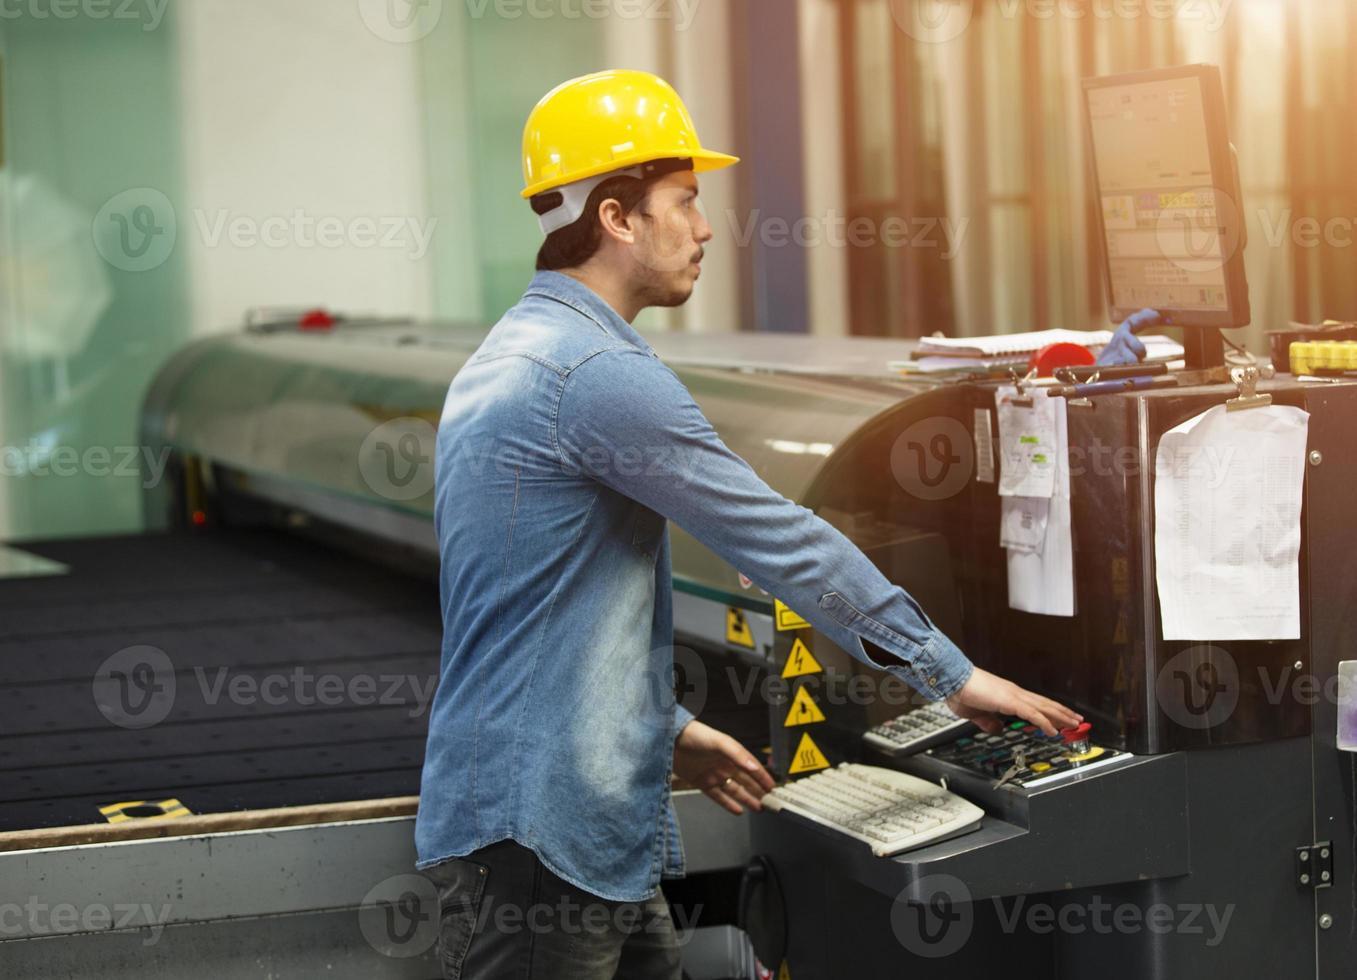 Maschinenbediener arbeitet im Werk foto